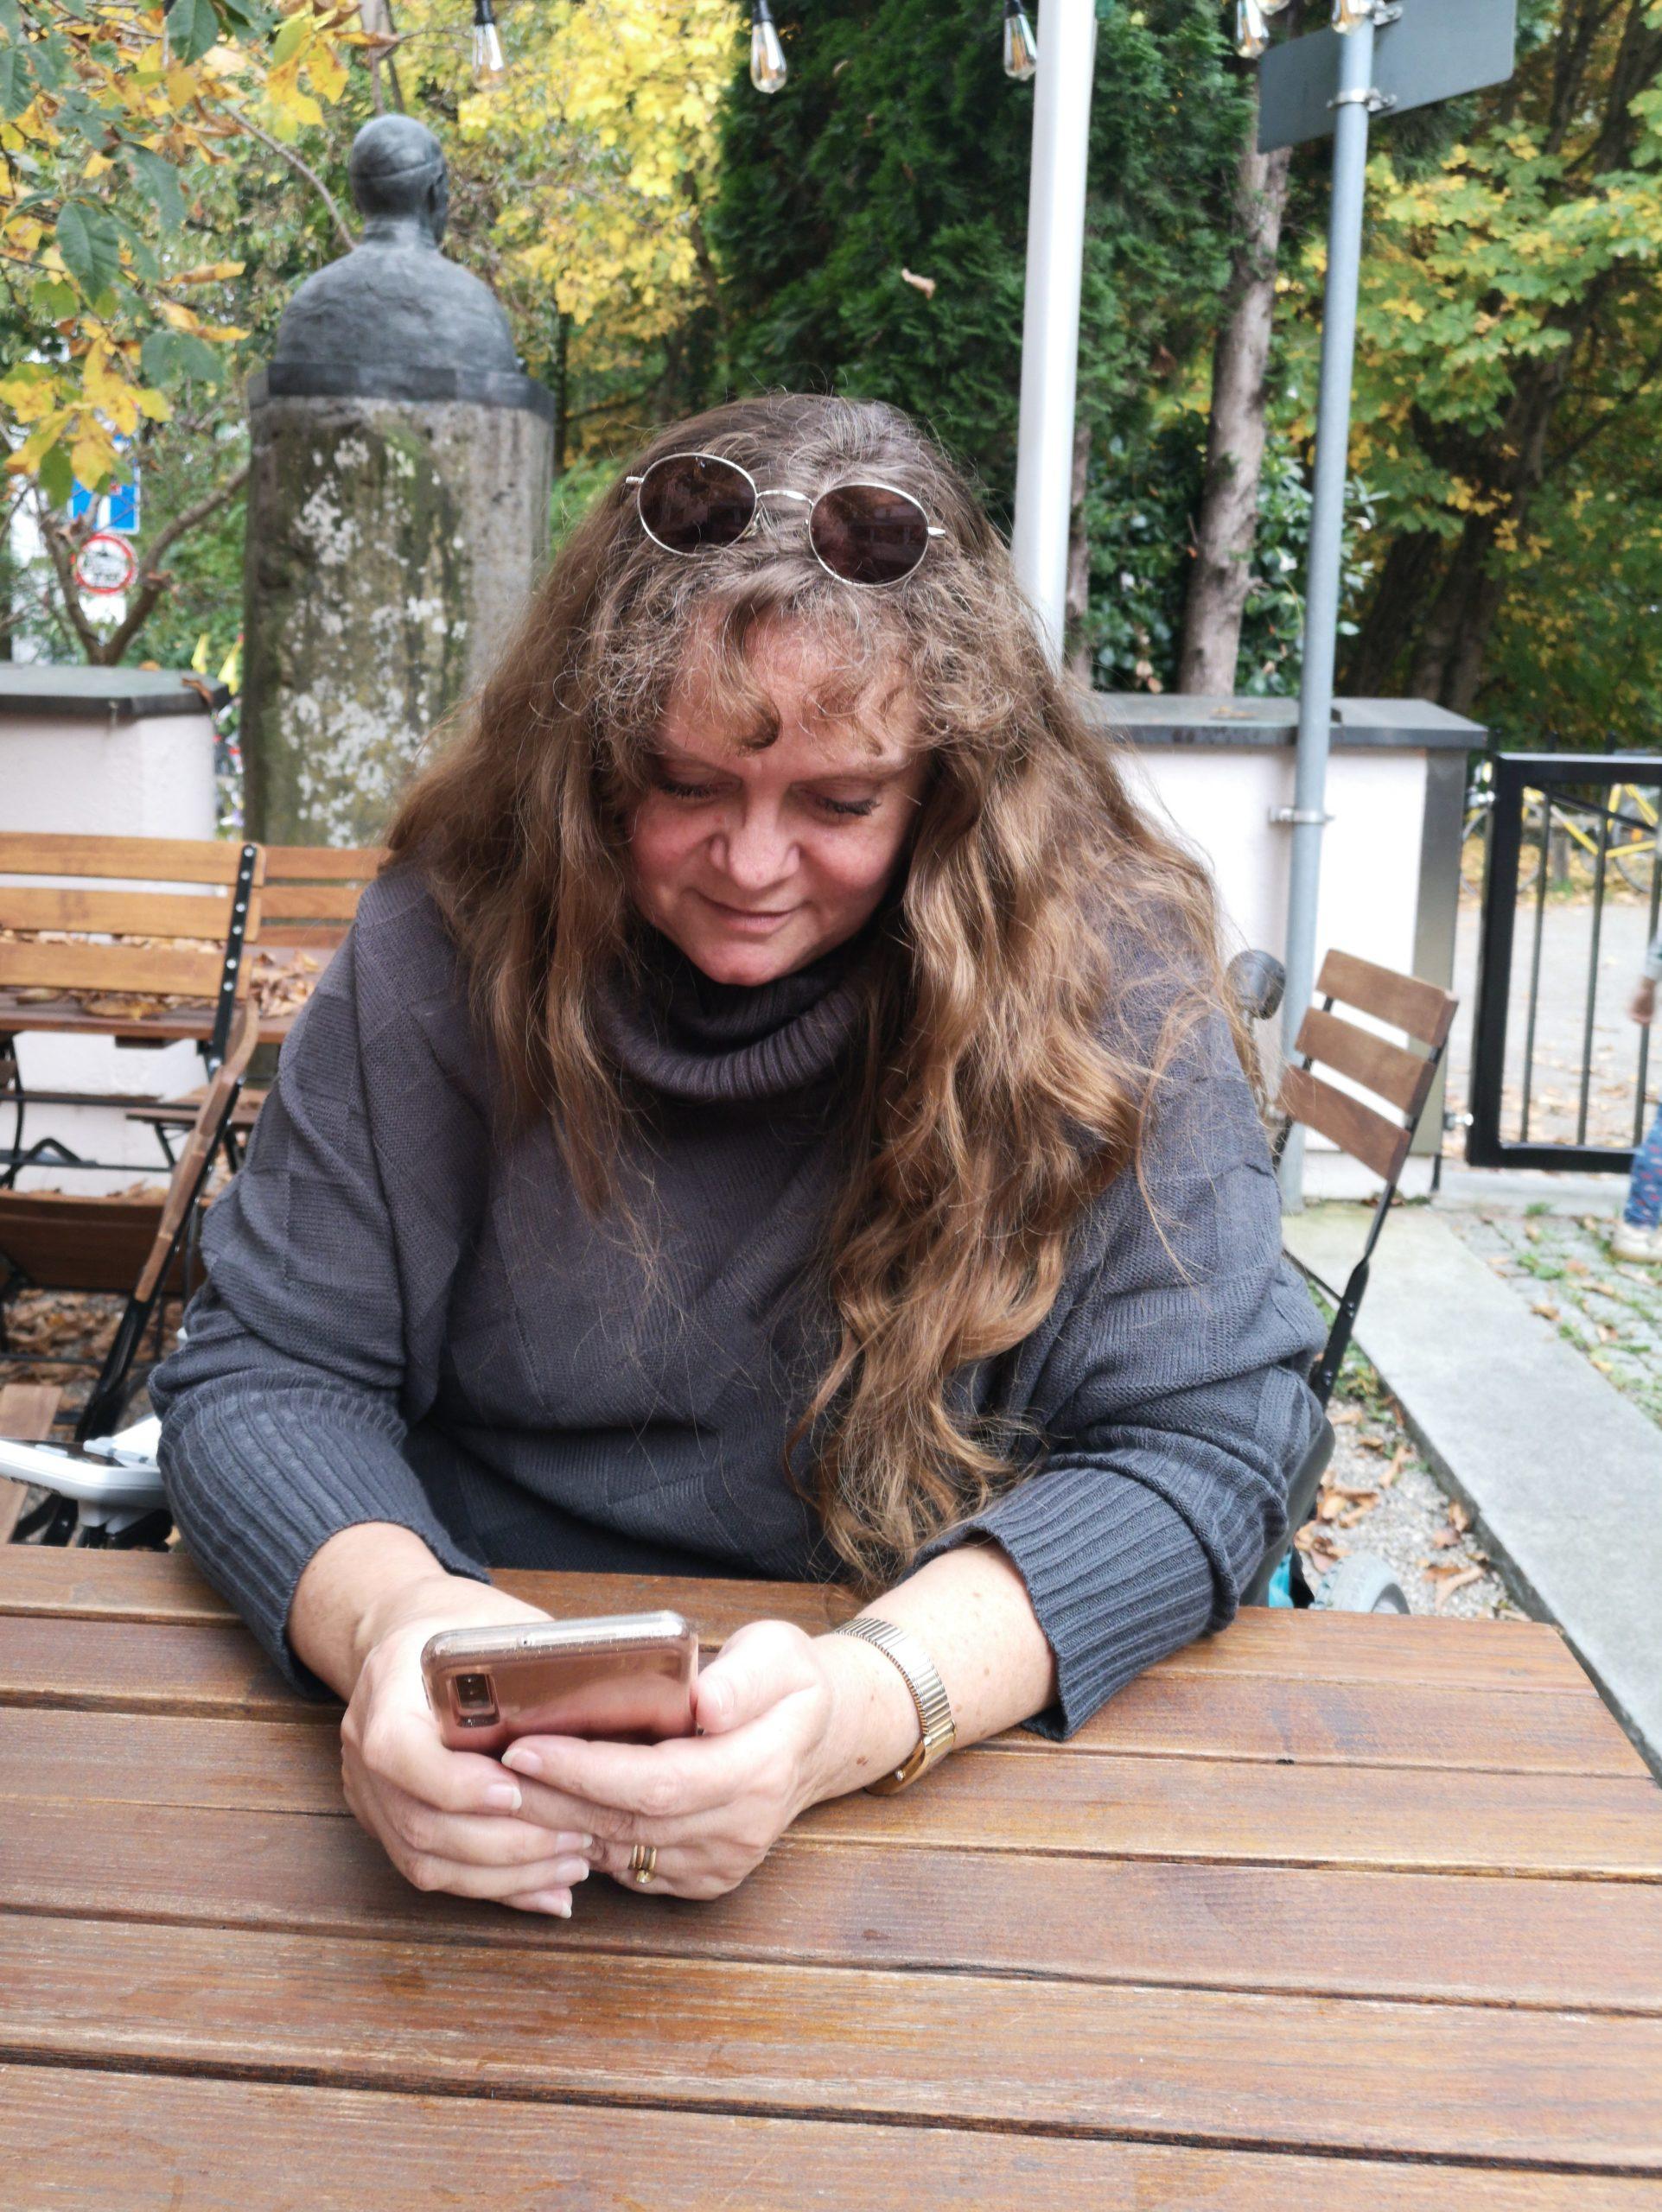 Patricia Koller im Biergarten bei dem Blick auf ihr Smartphone